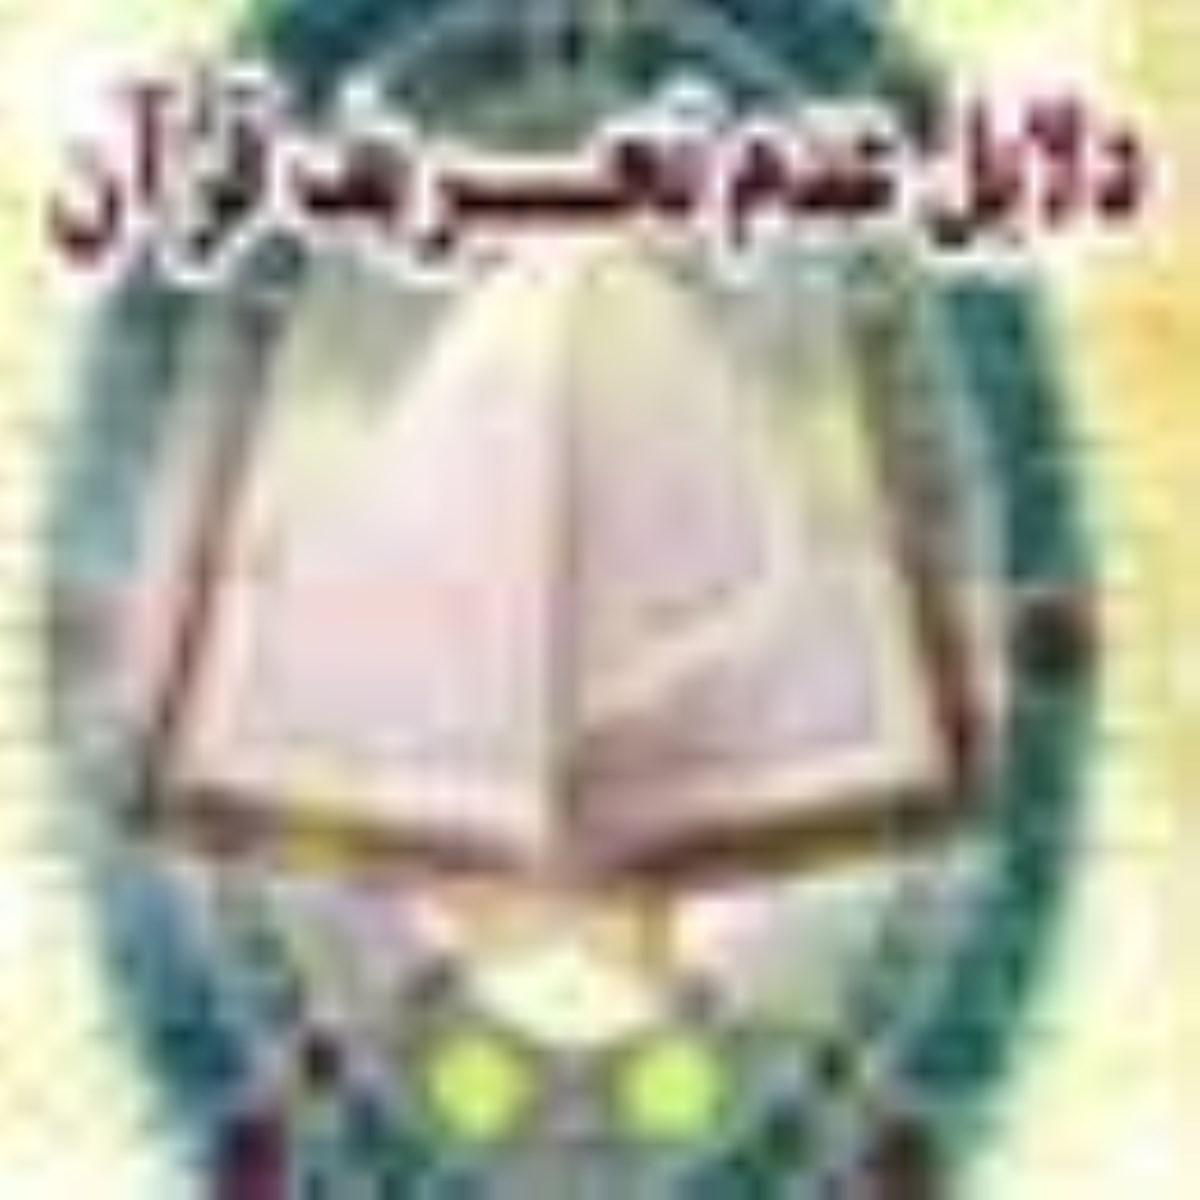 دلايل عدم تحريف قرآن